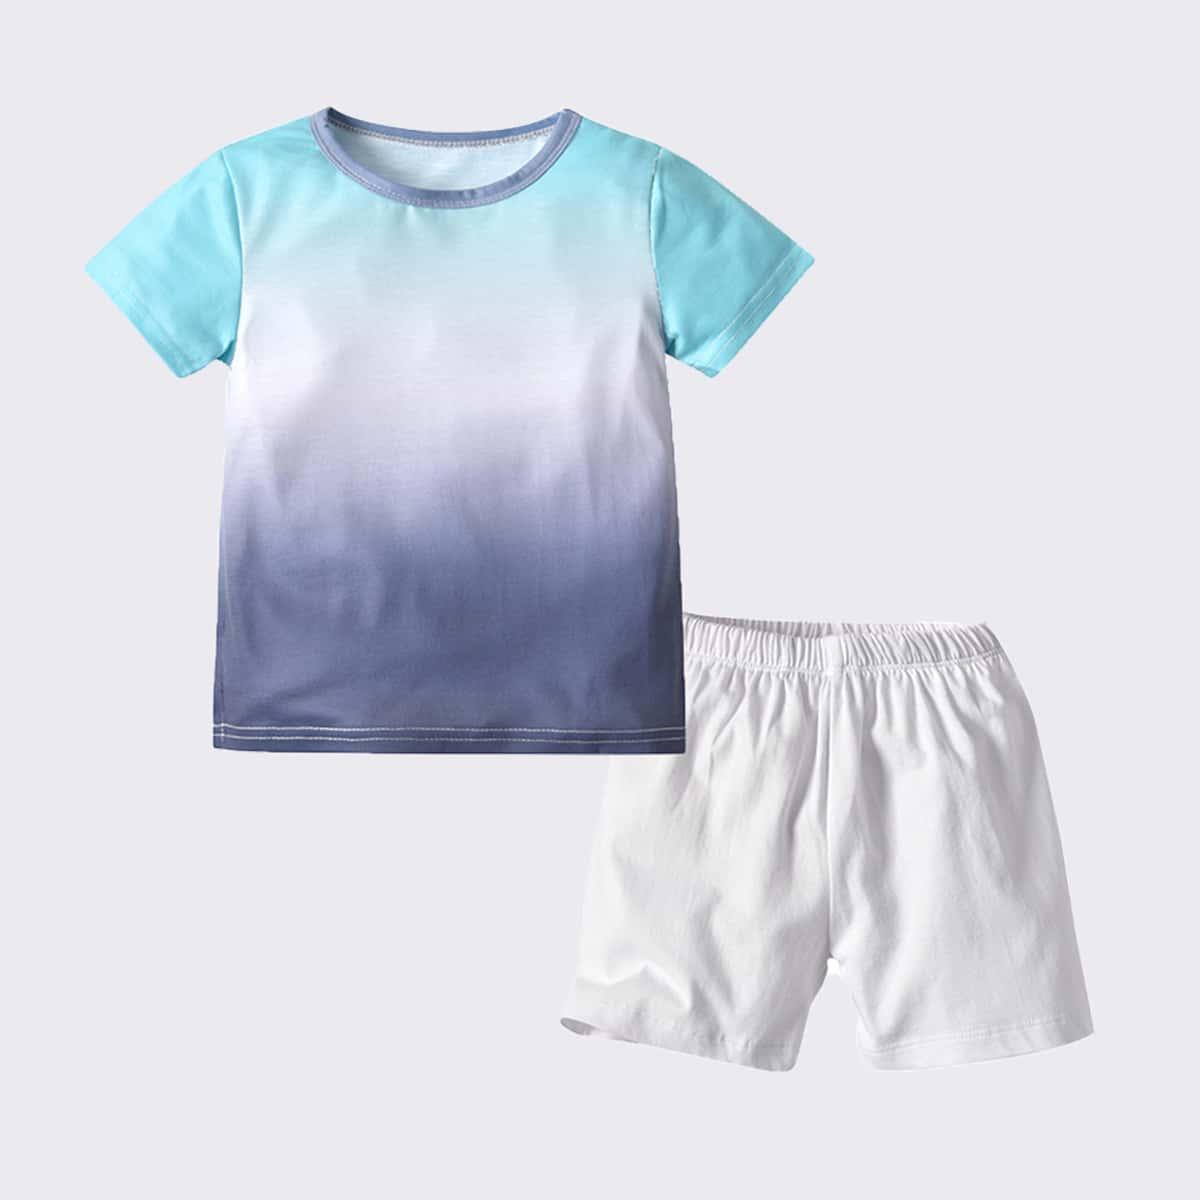 градиент цветовой Повседневный Домашняя одежда для мальчиков